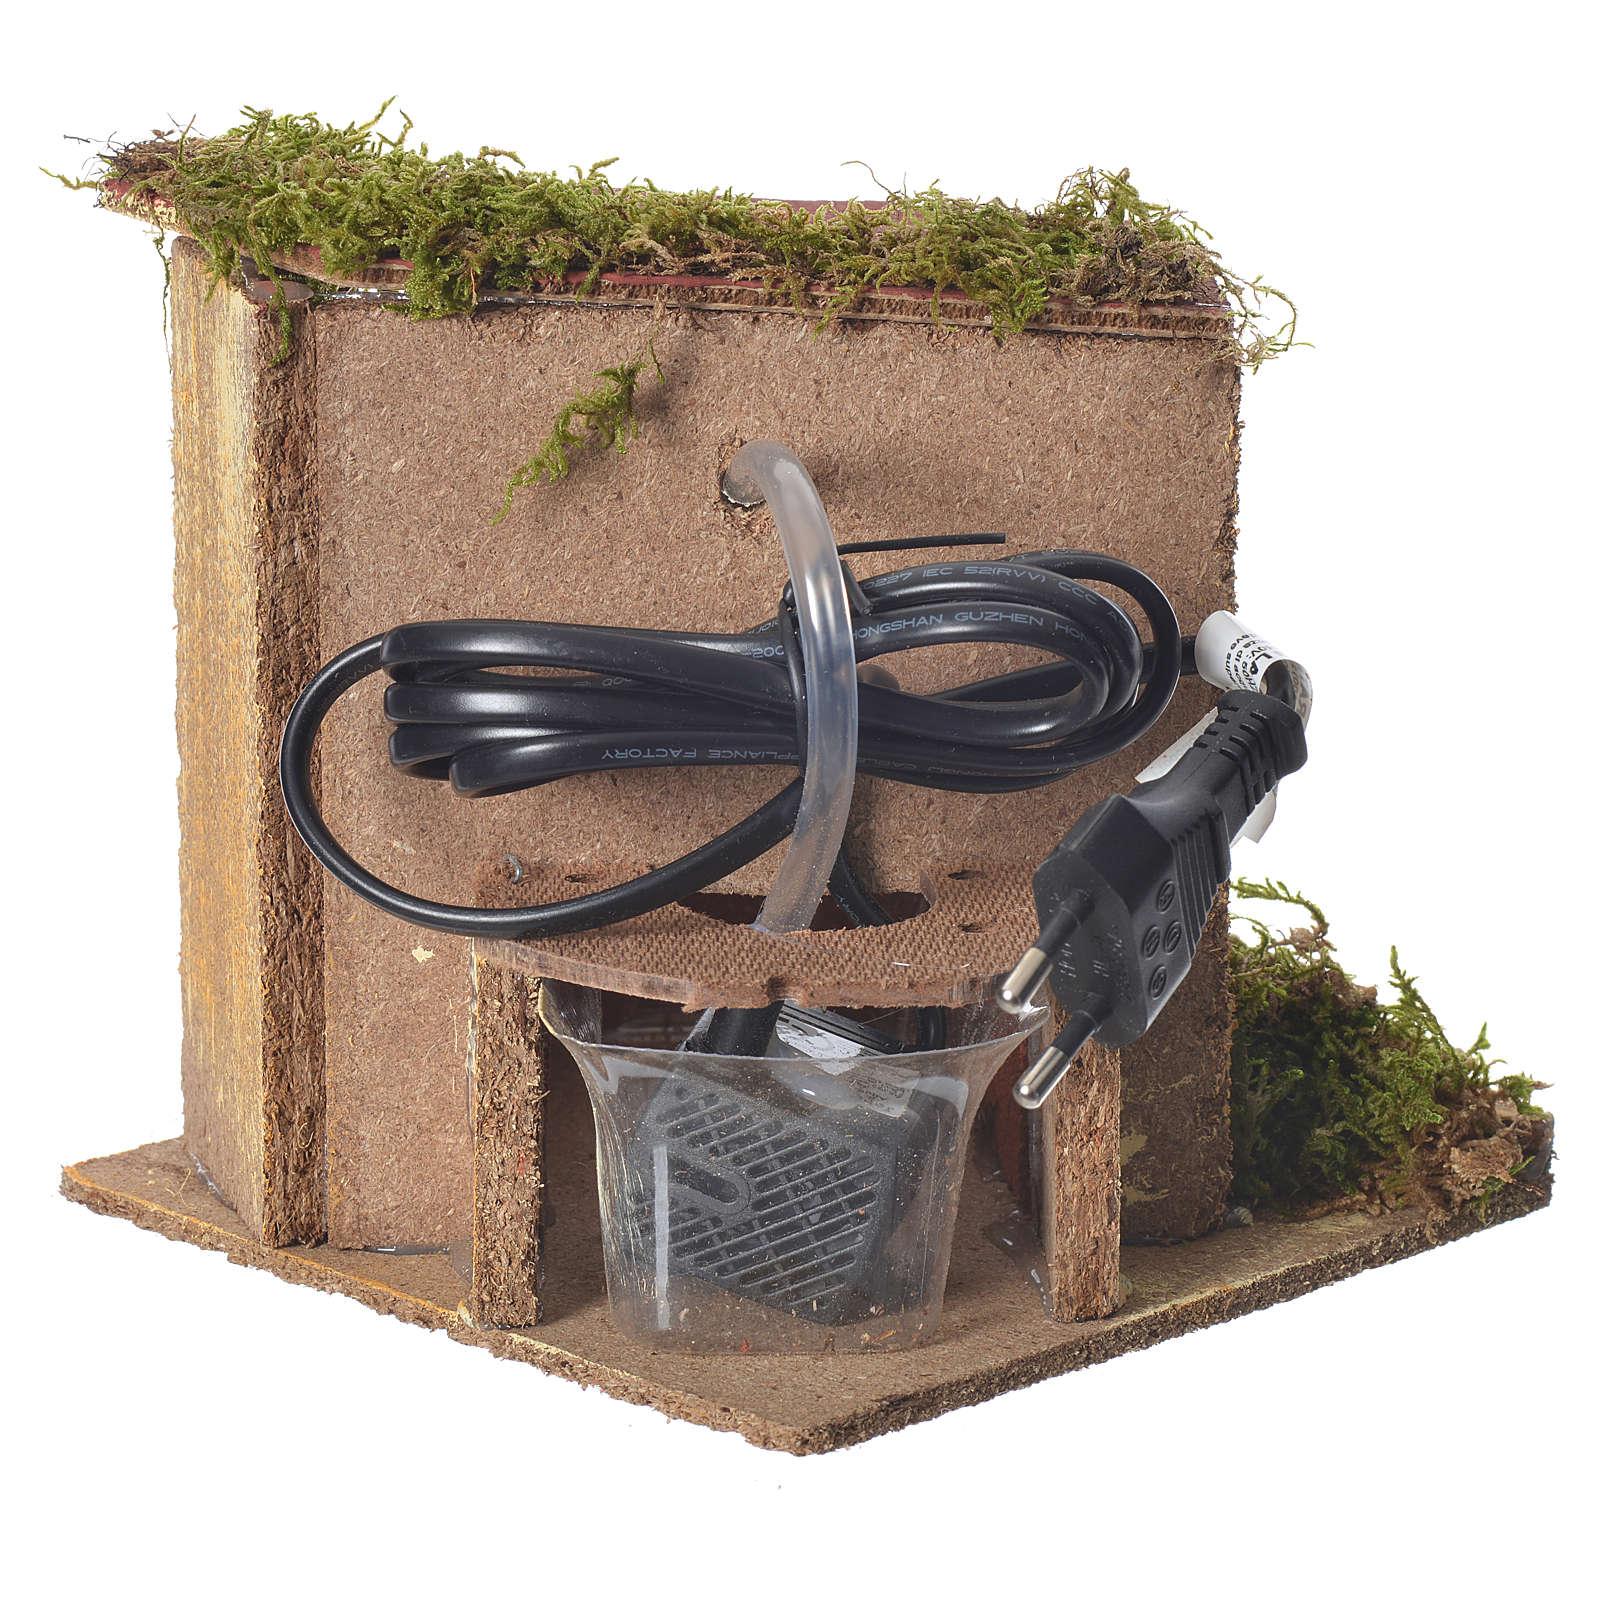 Fontana presepe 2,5watt con secchio 15x15x15 cm 4